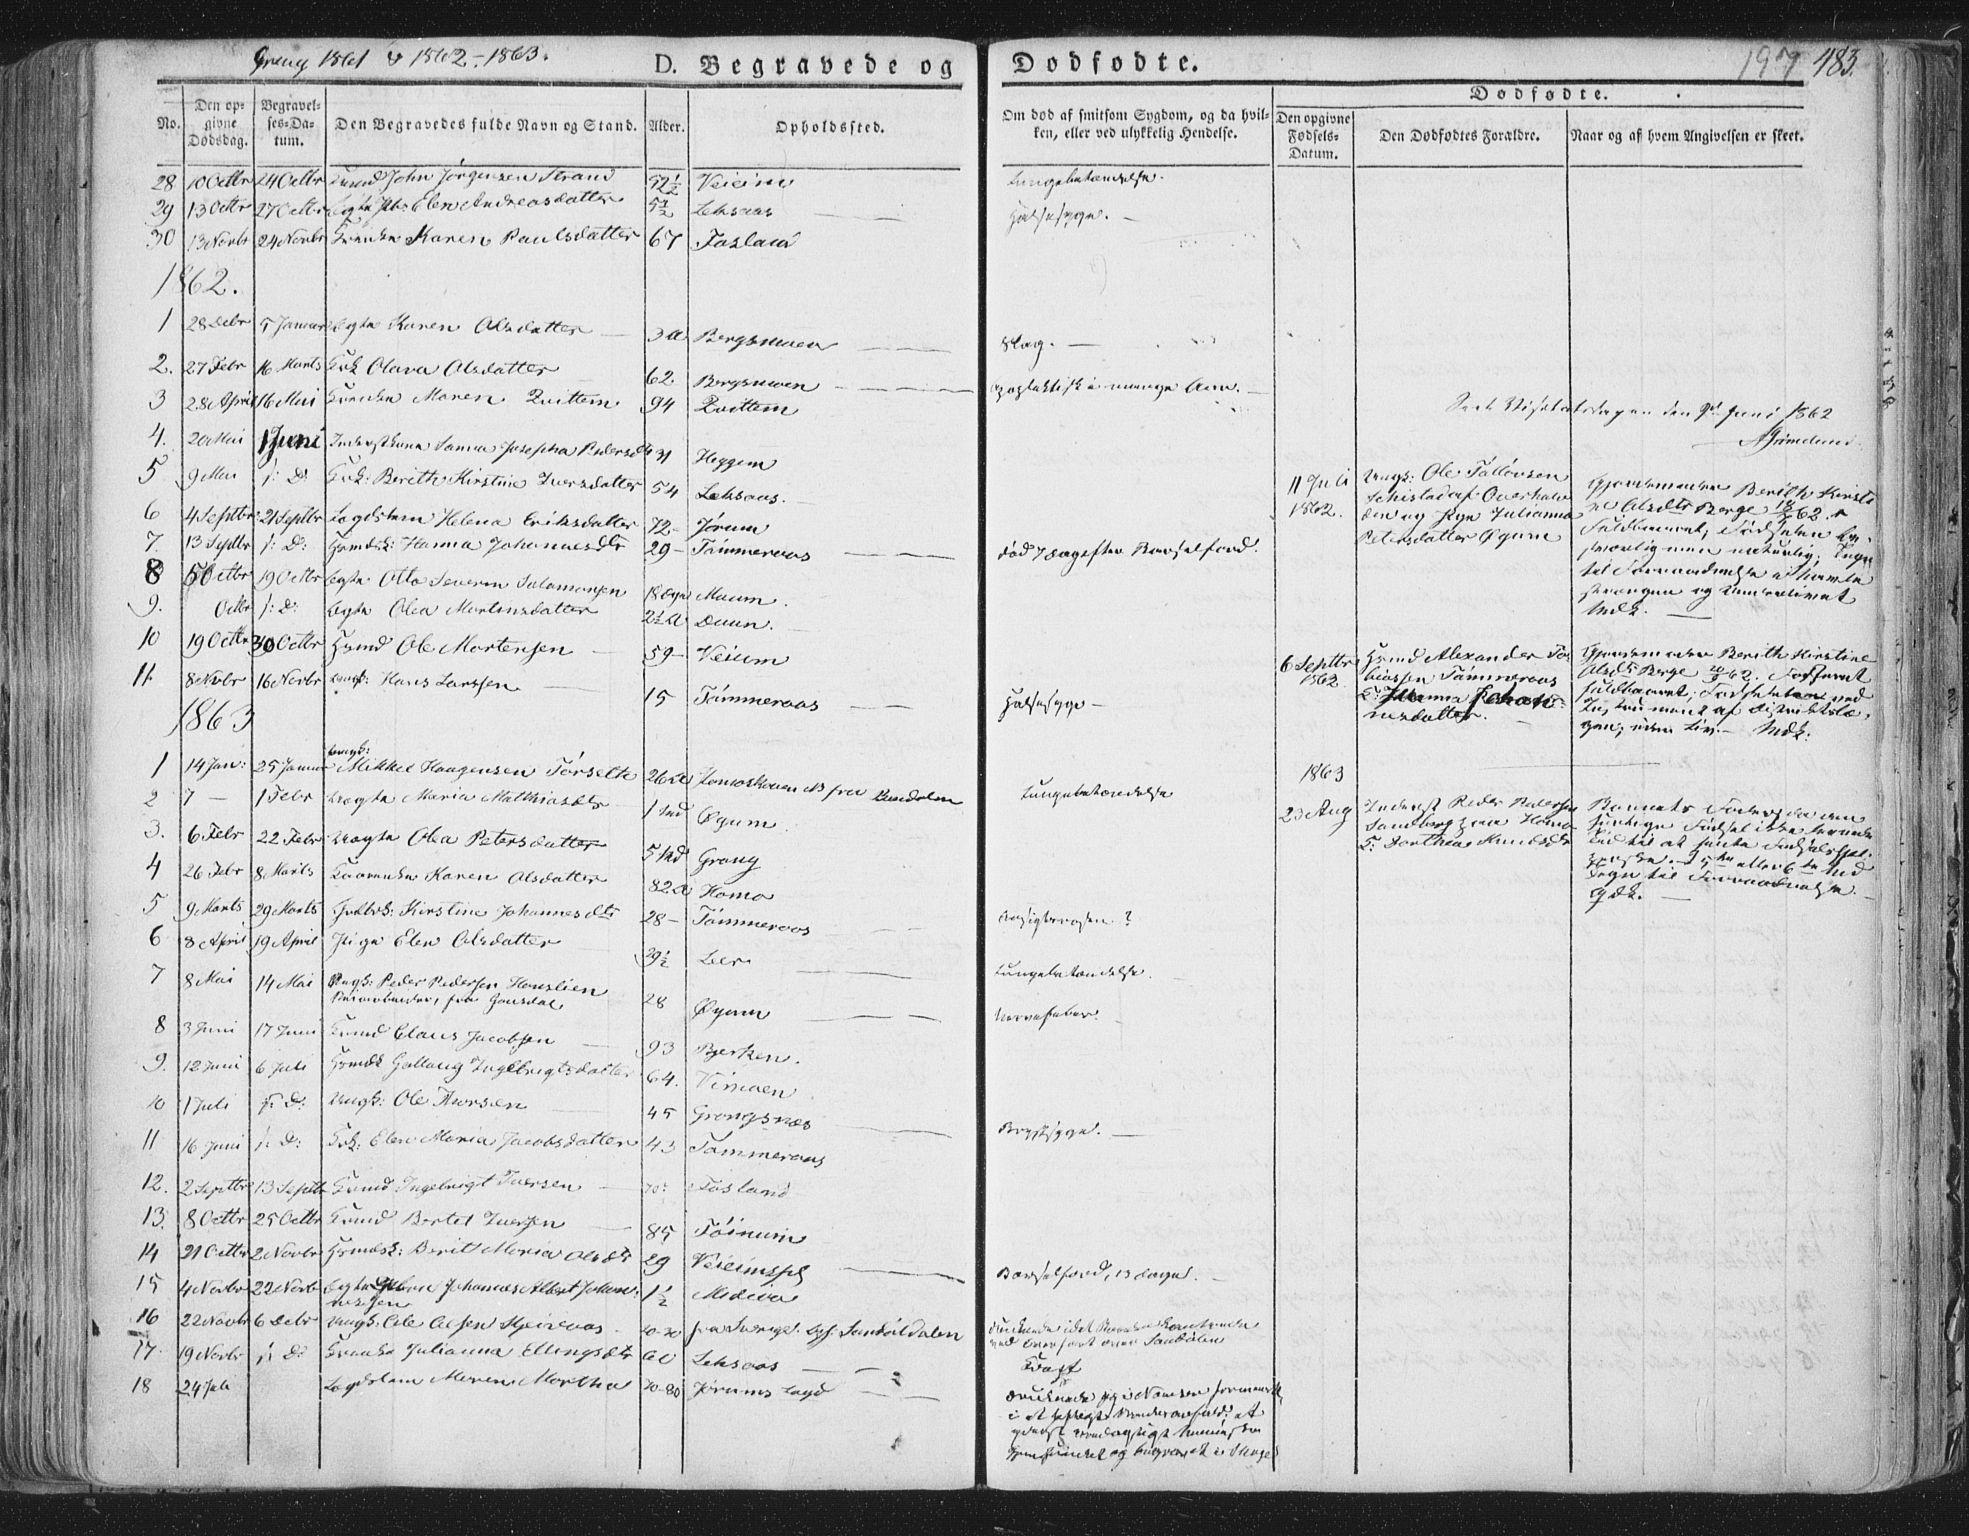 SAT, Ministerialprotokoller, klokkerbøker og fødselsregistre - Nord-Trøndelag, 758/L0513: Ministerialbok nr. 758A02 /1, 1839-1868, s. 197